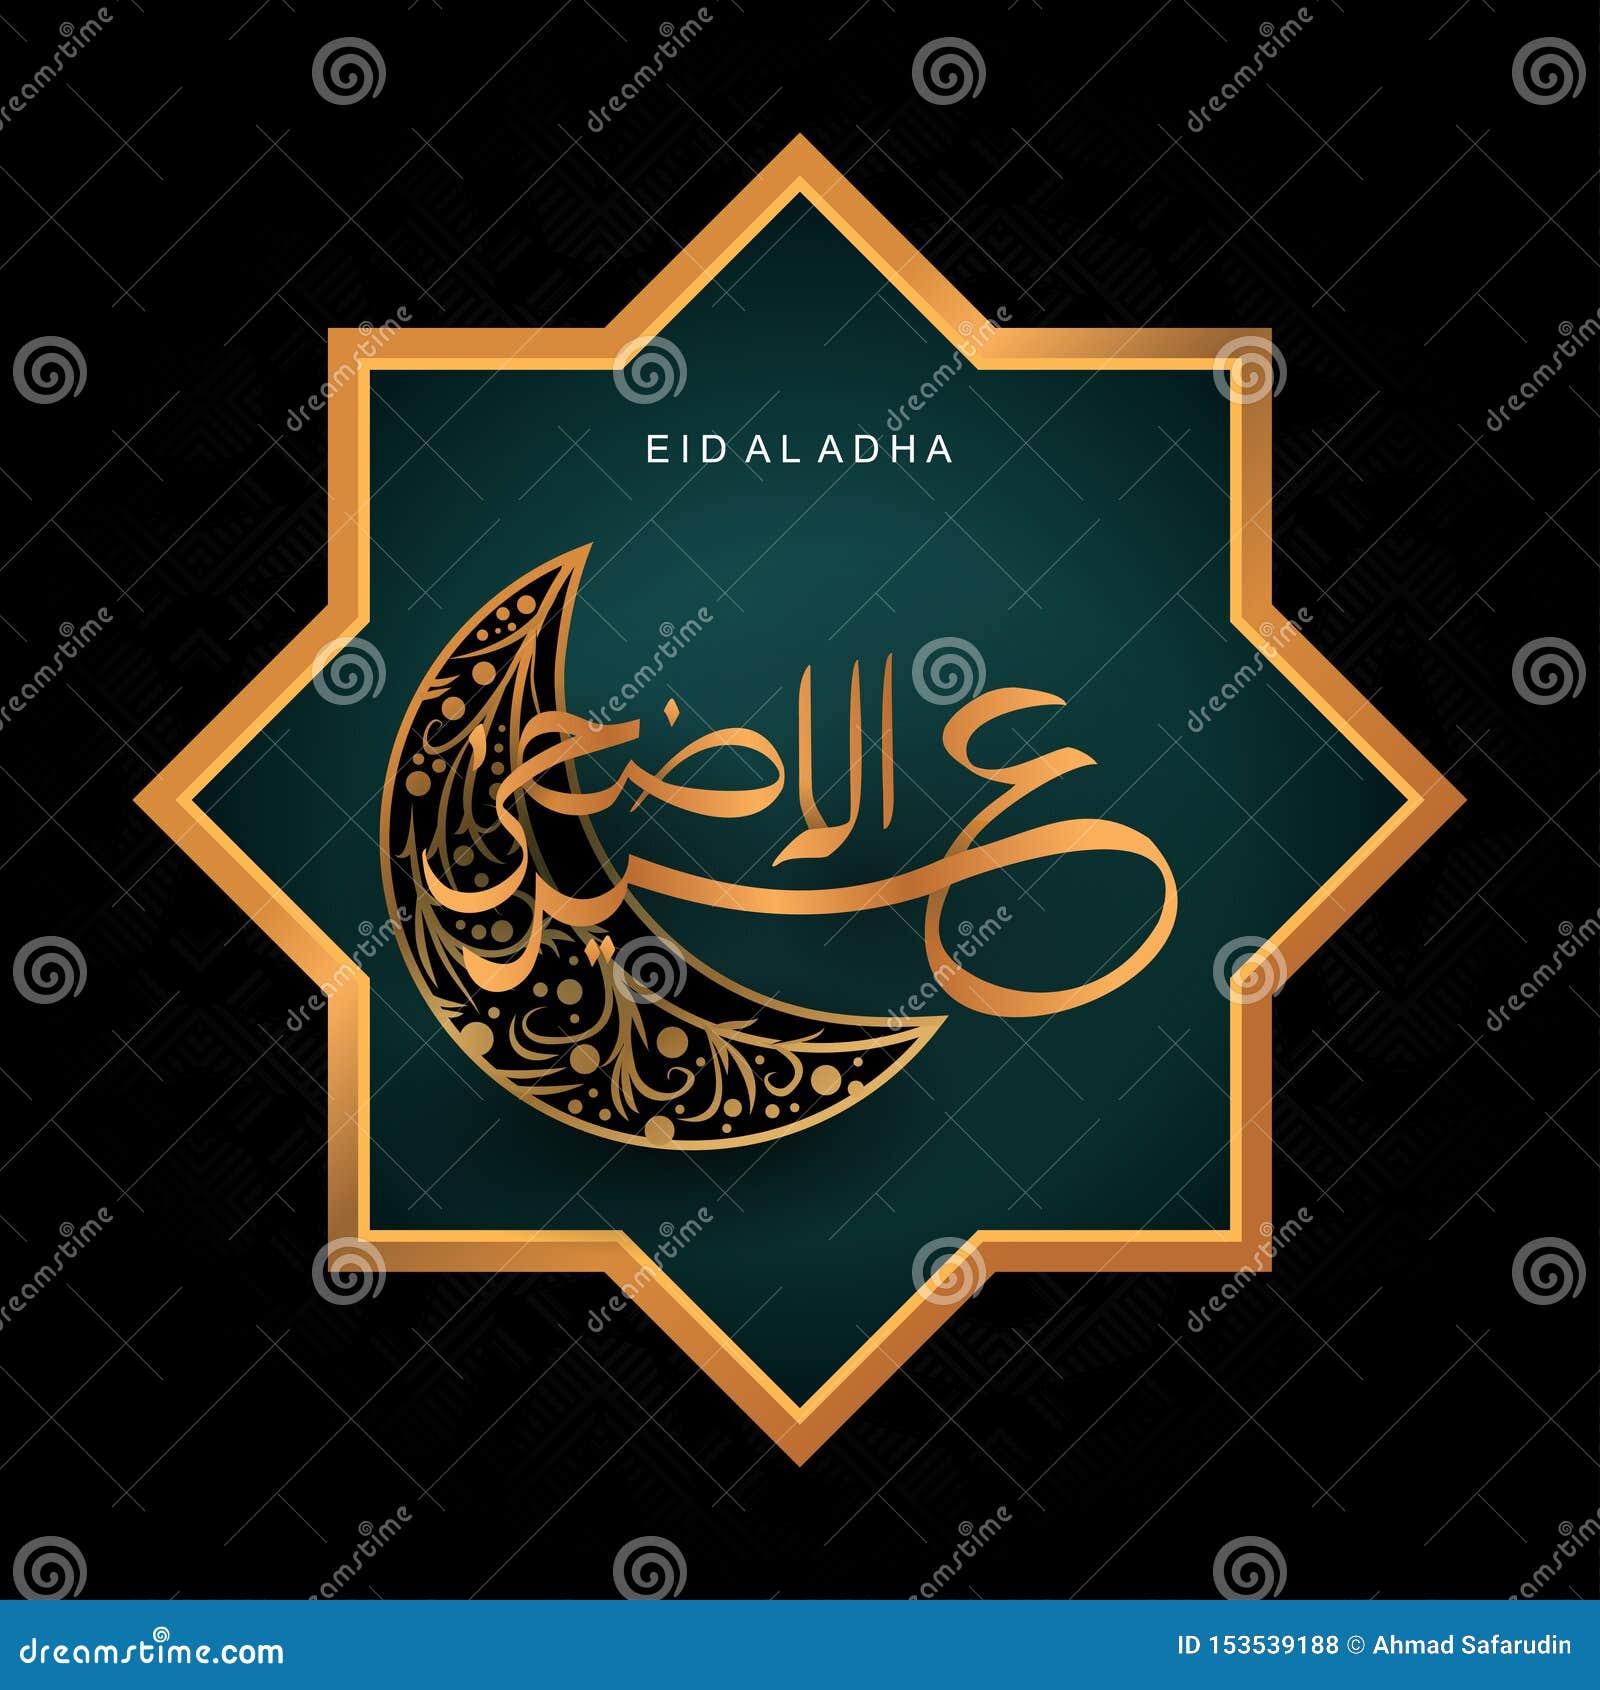 Ισλαμικό σχέδιο ευχετήριων καρτών του Al Adha Eid με την αραβική καλλιγραφία και το φεγγάρι